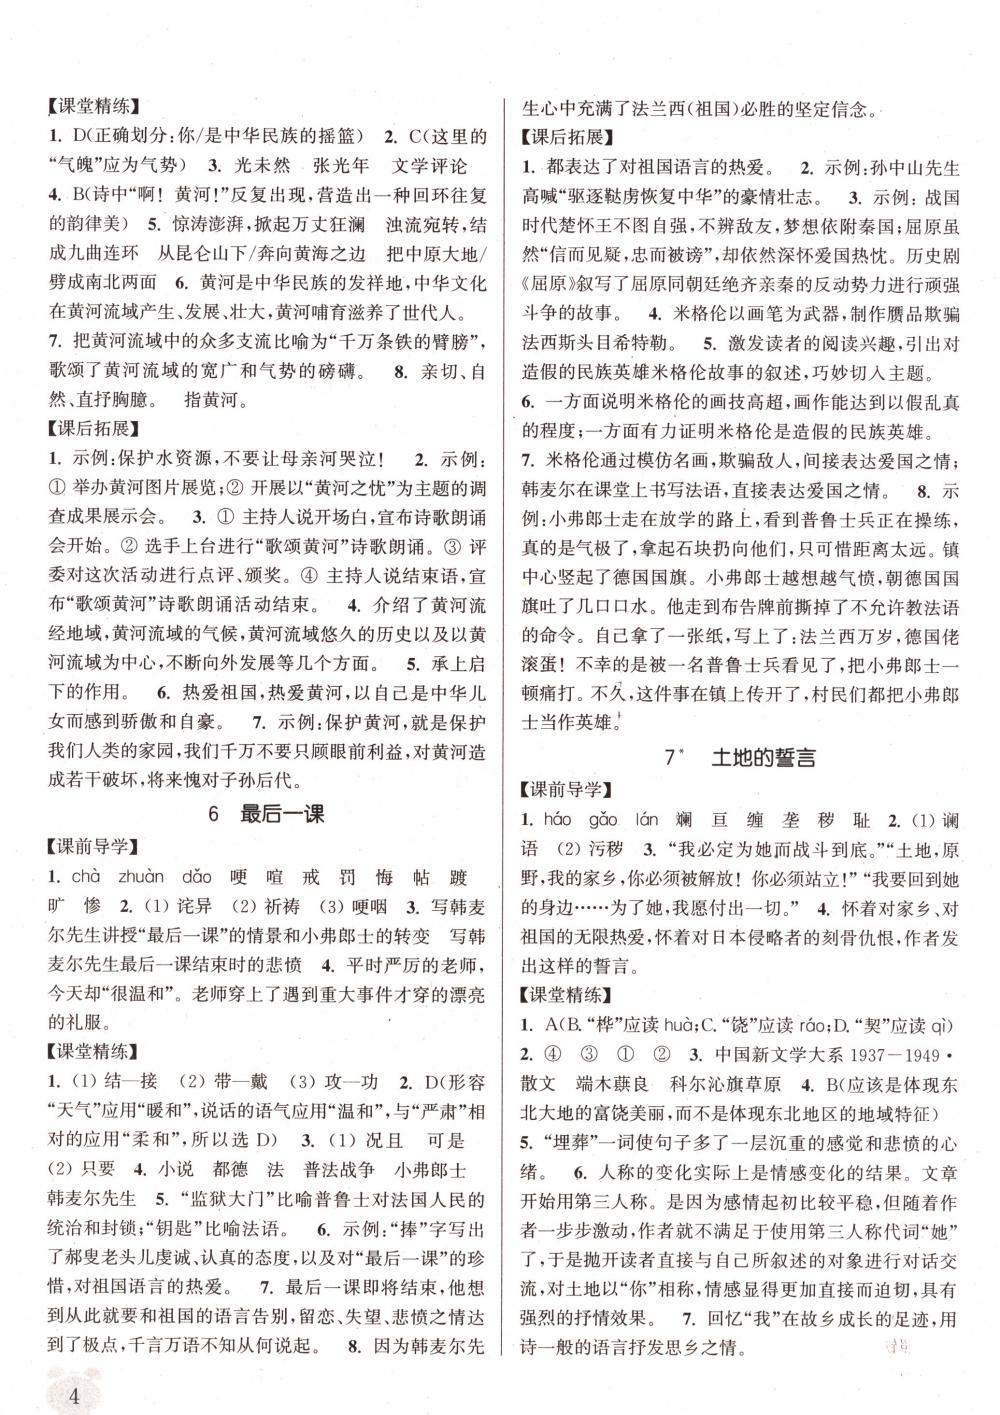 2018年通城学典课时作业本七年级语文下册苏教版第4页